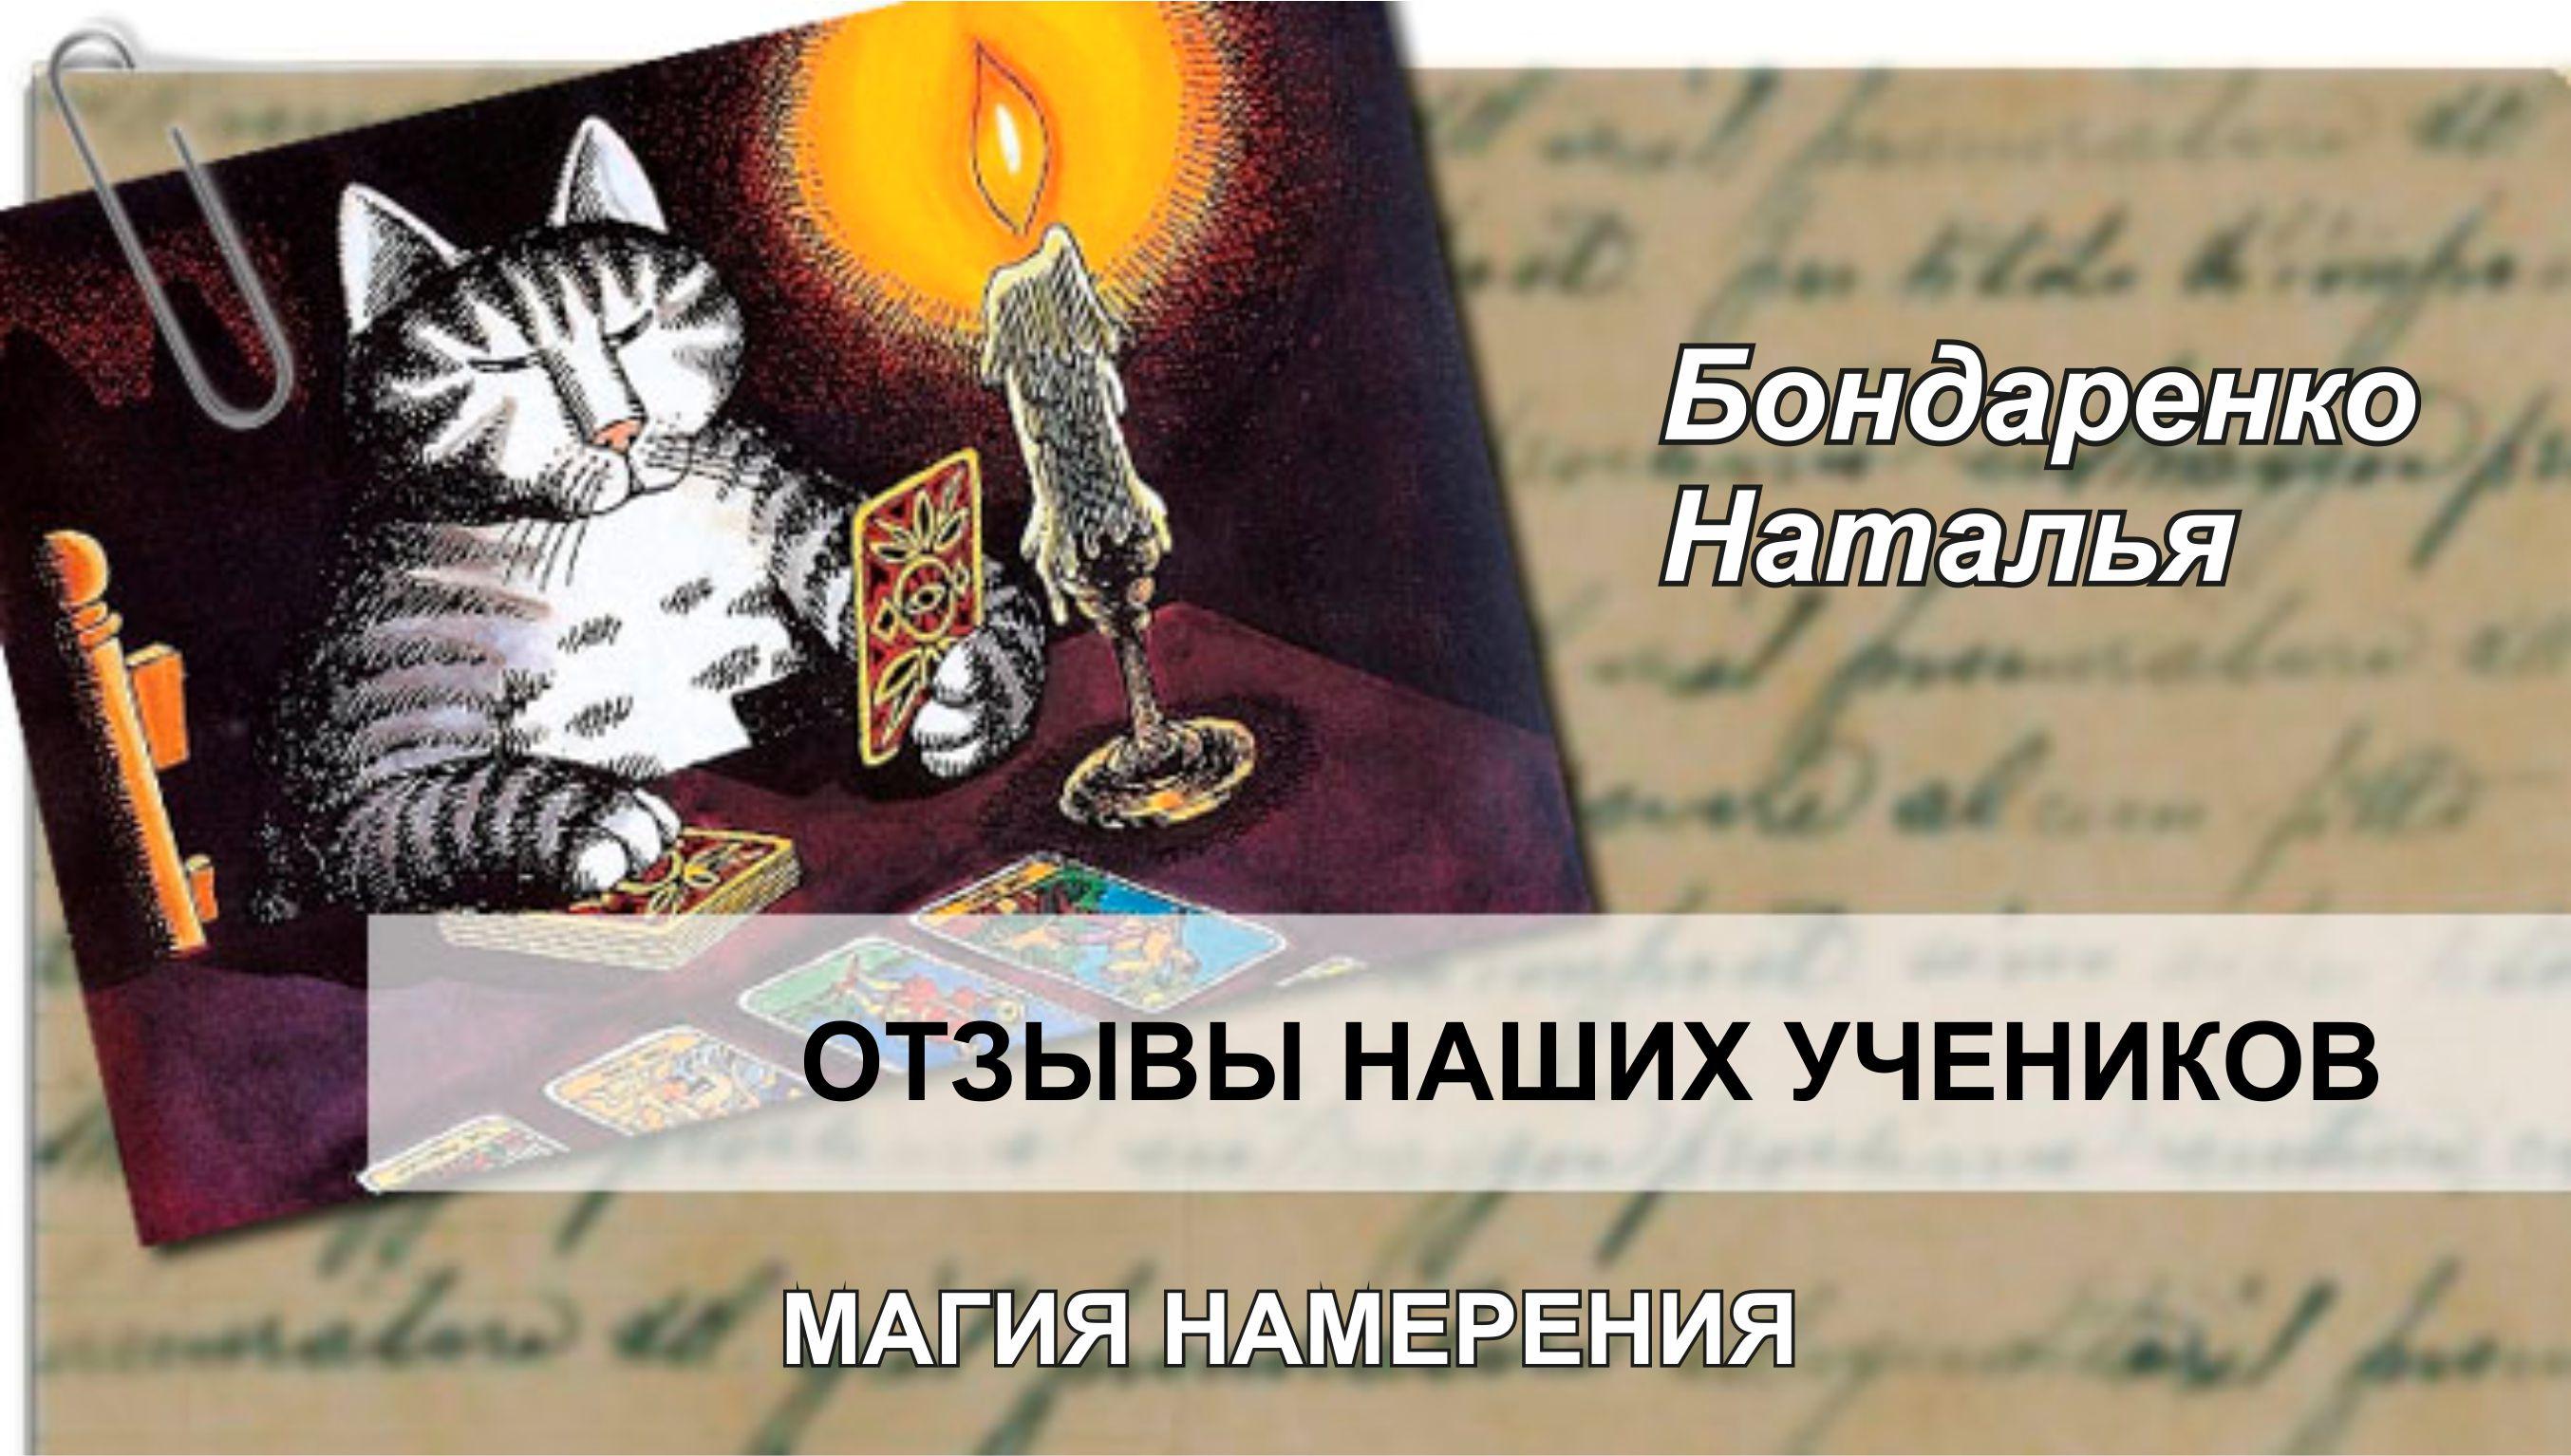 Бондаренко Наталья отзыв Магия Намерения